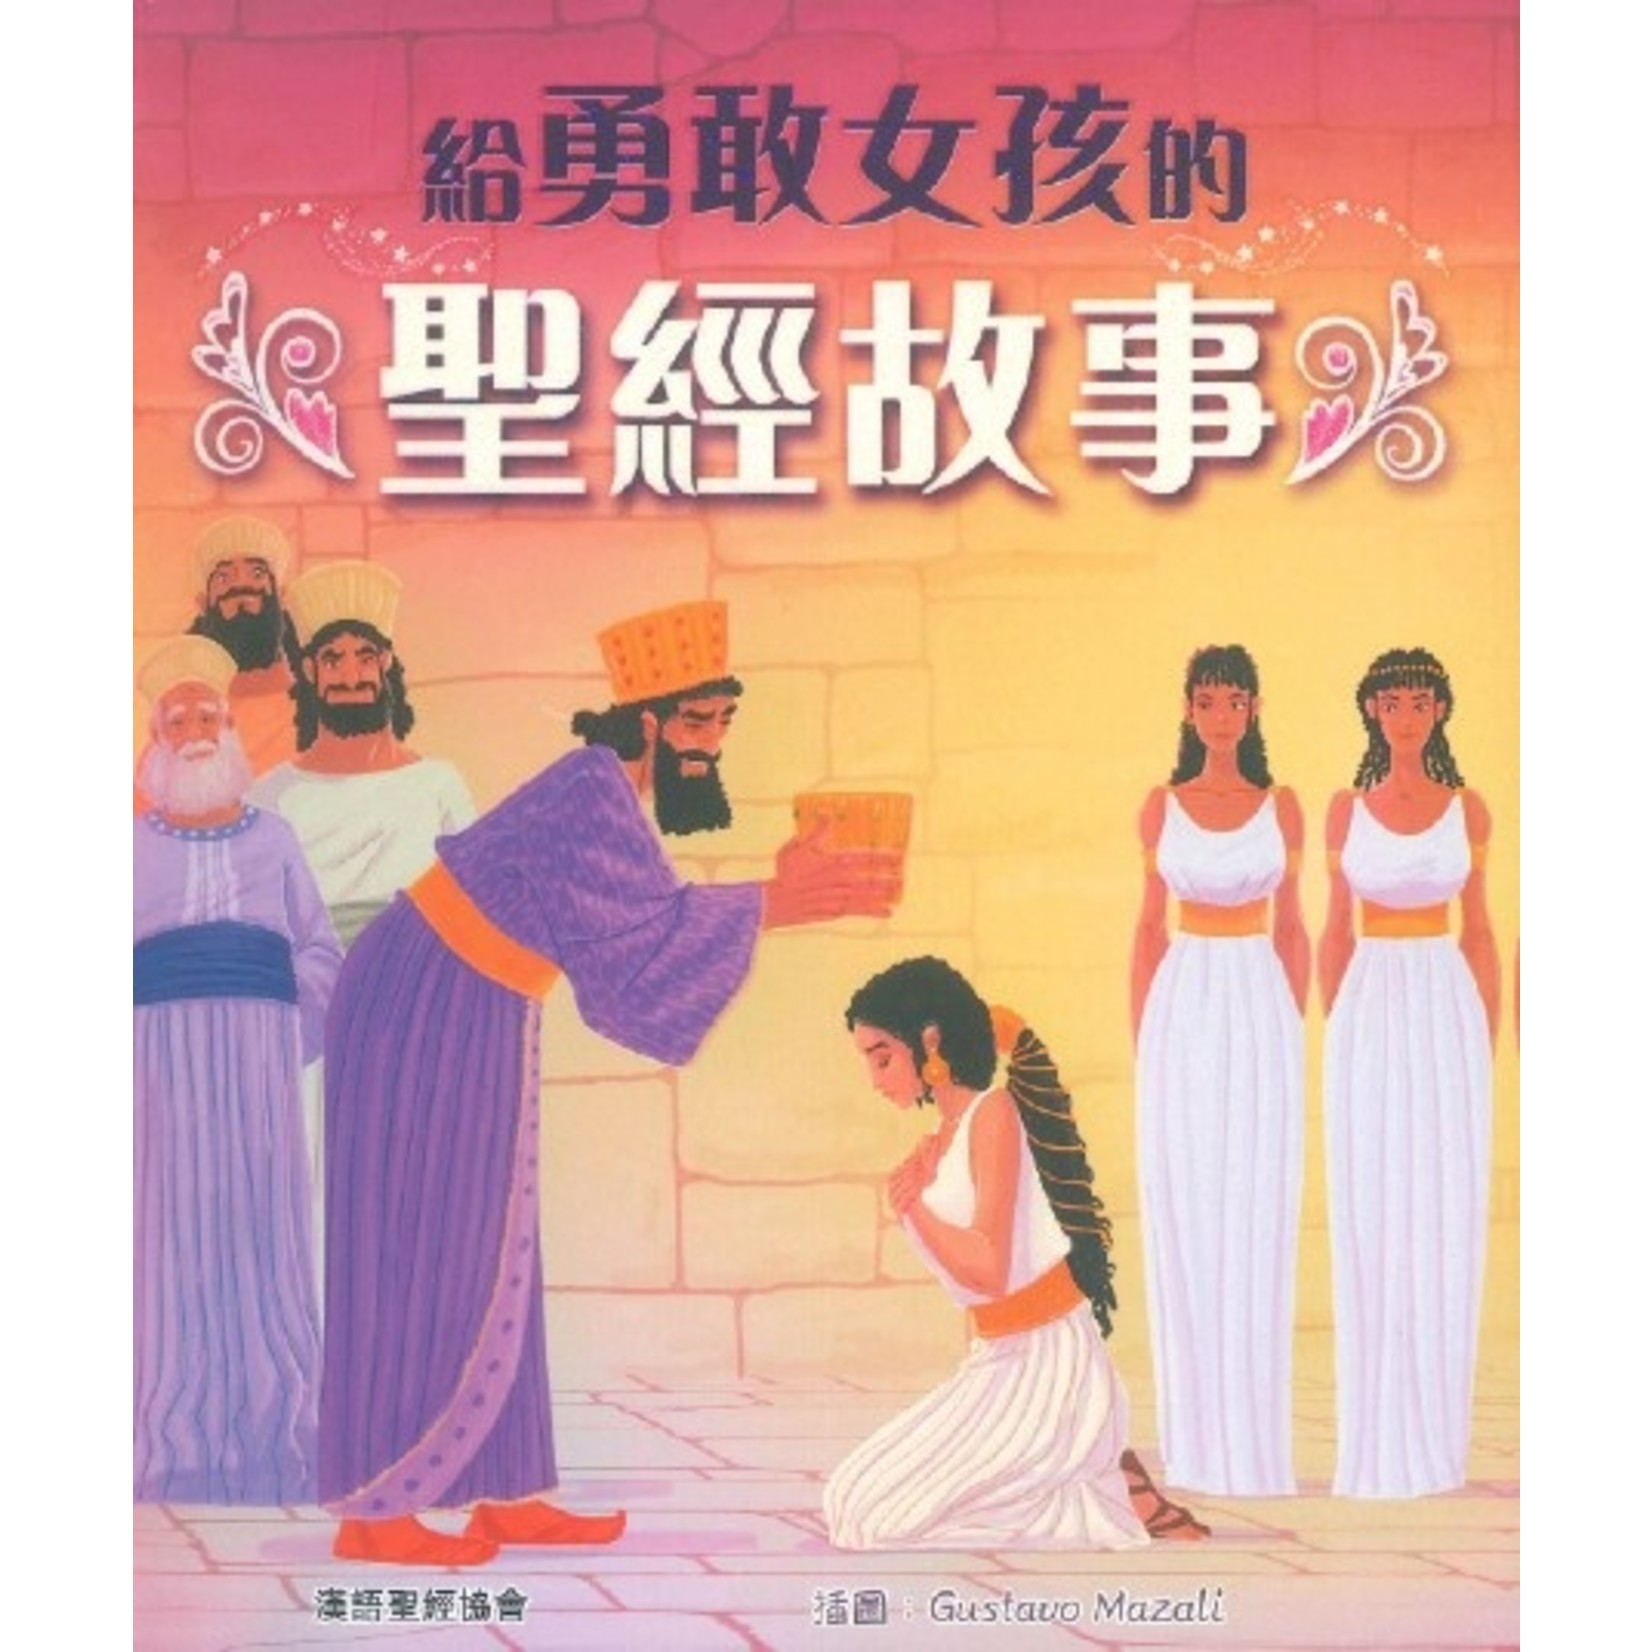 漢語聖經協會 Chinese Bible International 給勇敢女孩的聖經故事 Bible Stories for Brave Girls